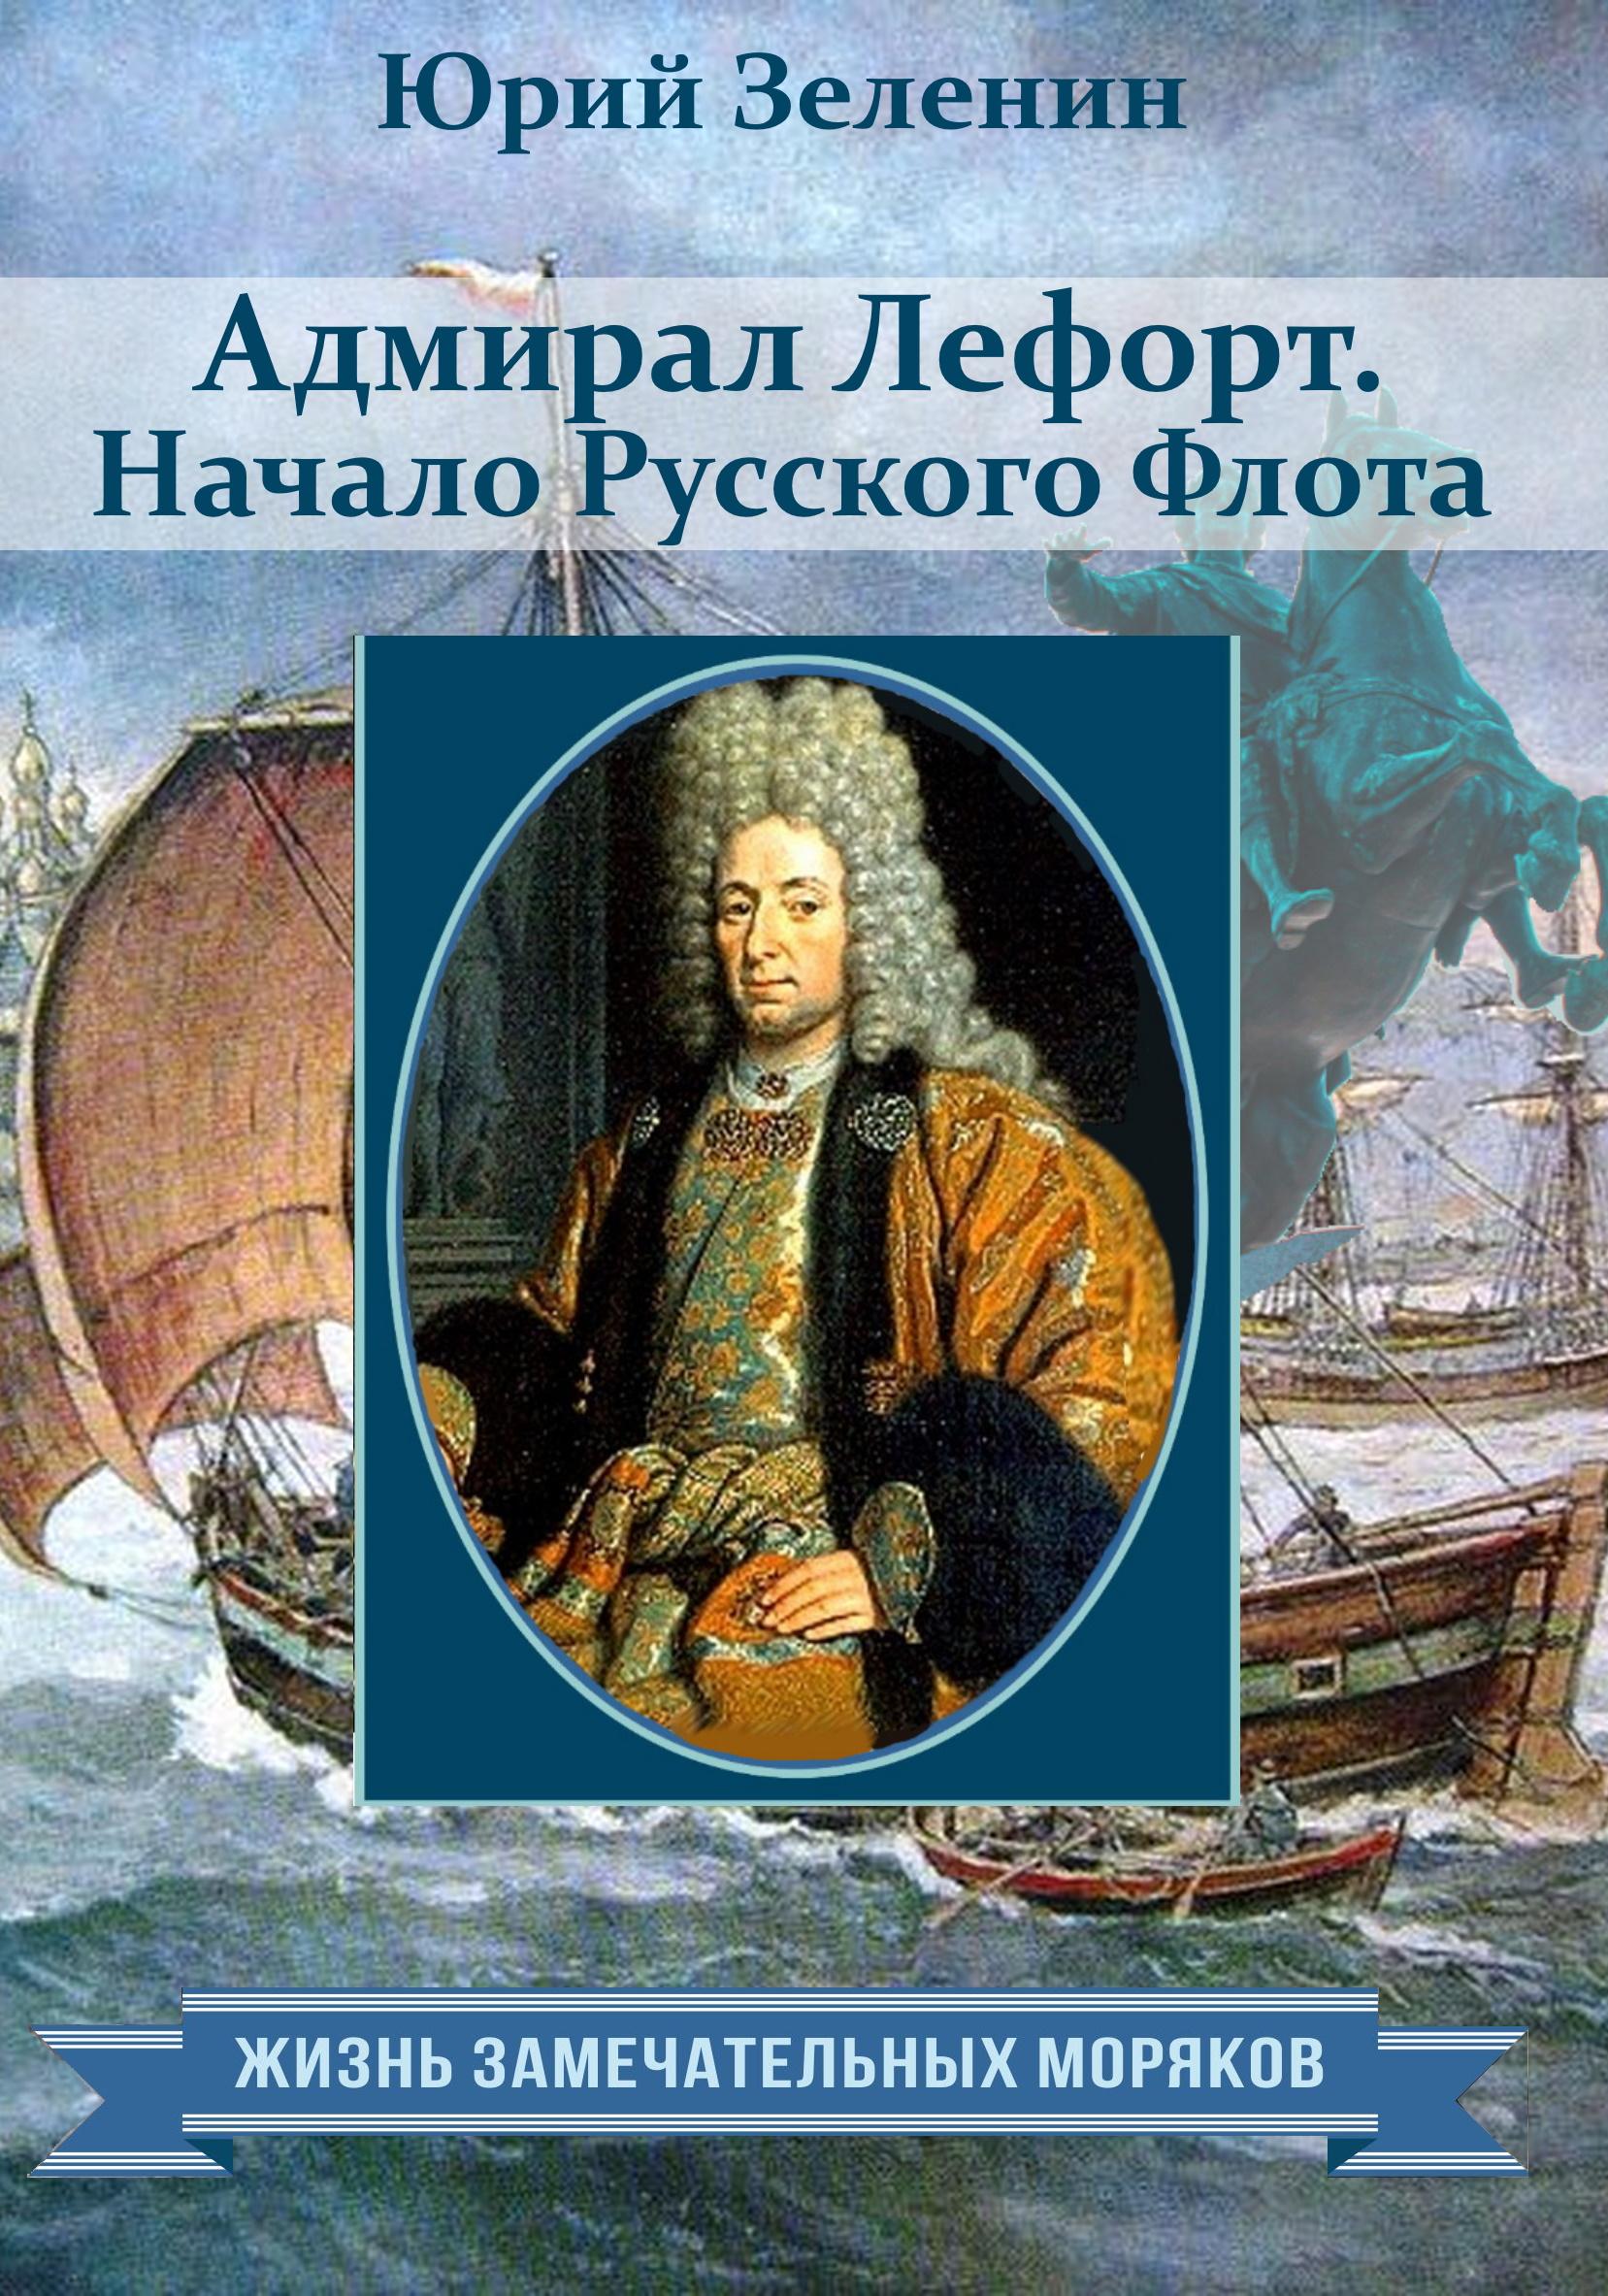 Адмирал Лефорт. Начало Русского флота